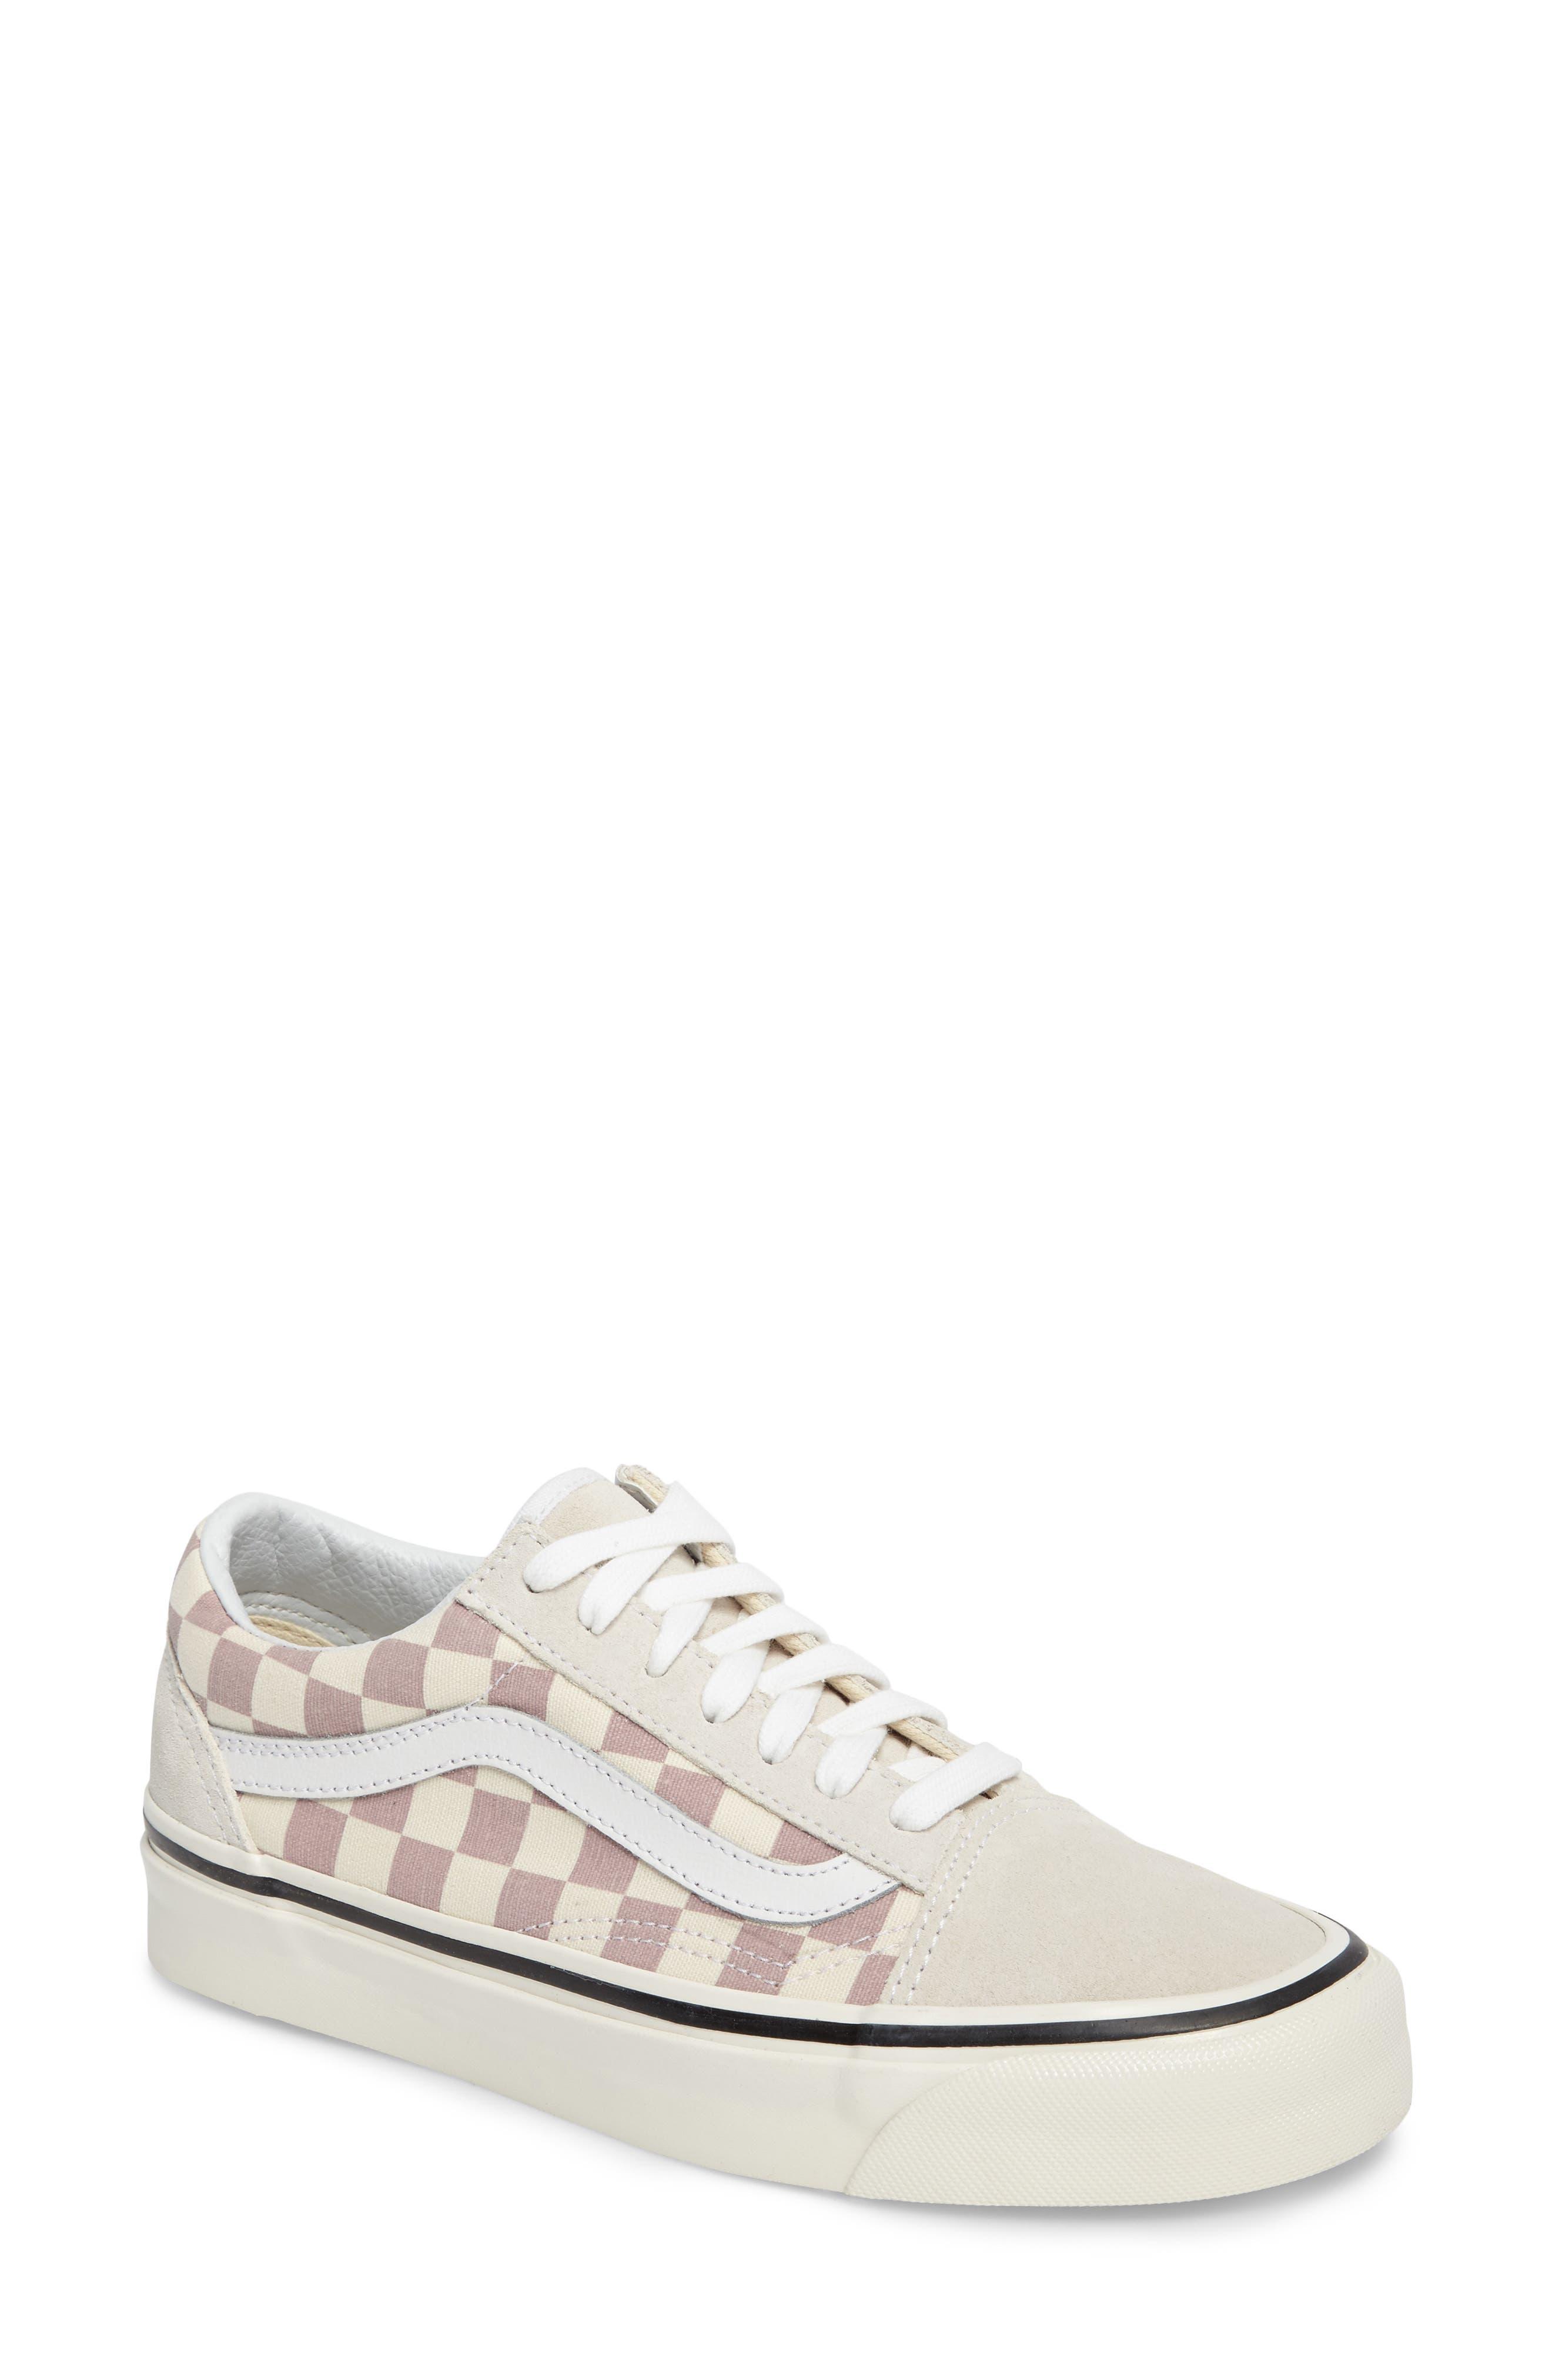 Alternate Image 1 Selected - Vans Old Skool 36 DX Sneaker (Women)